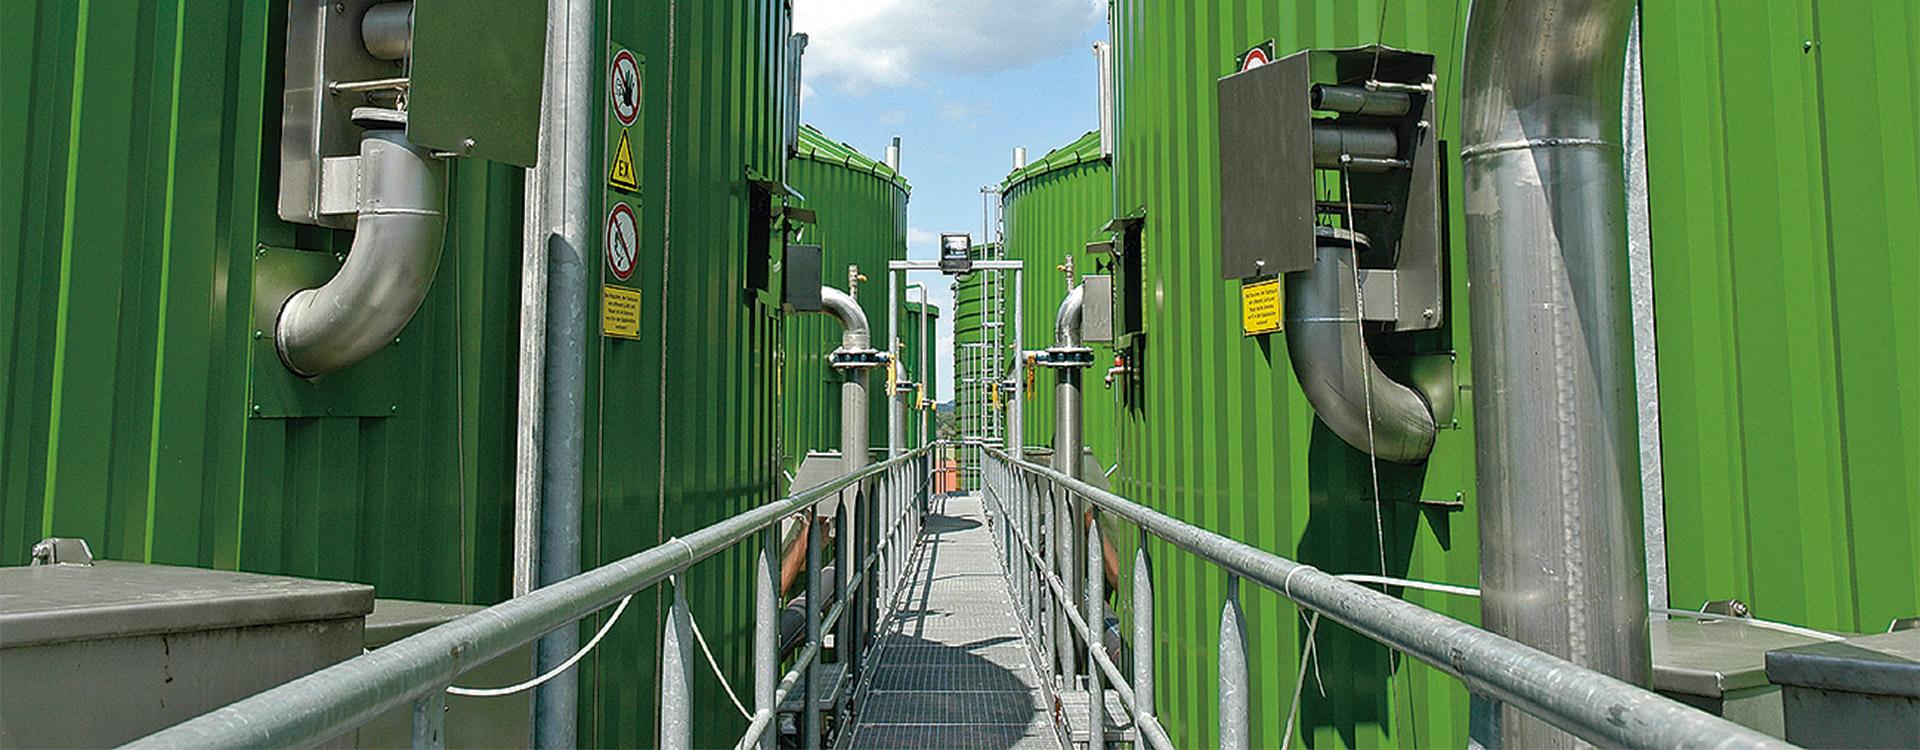 Lipp Biogasanlage Industrie